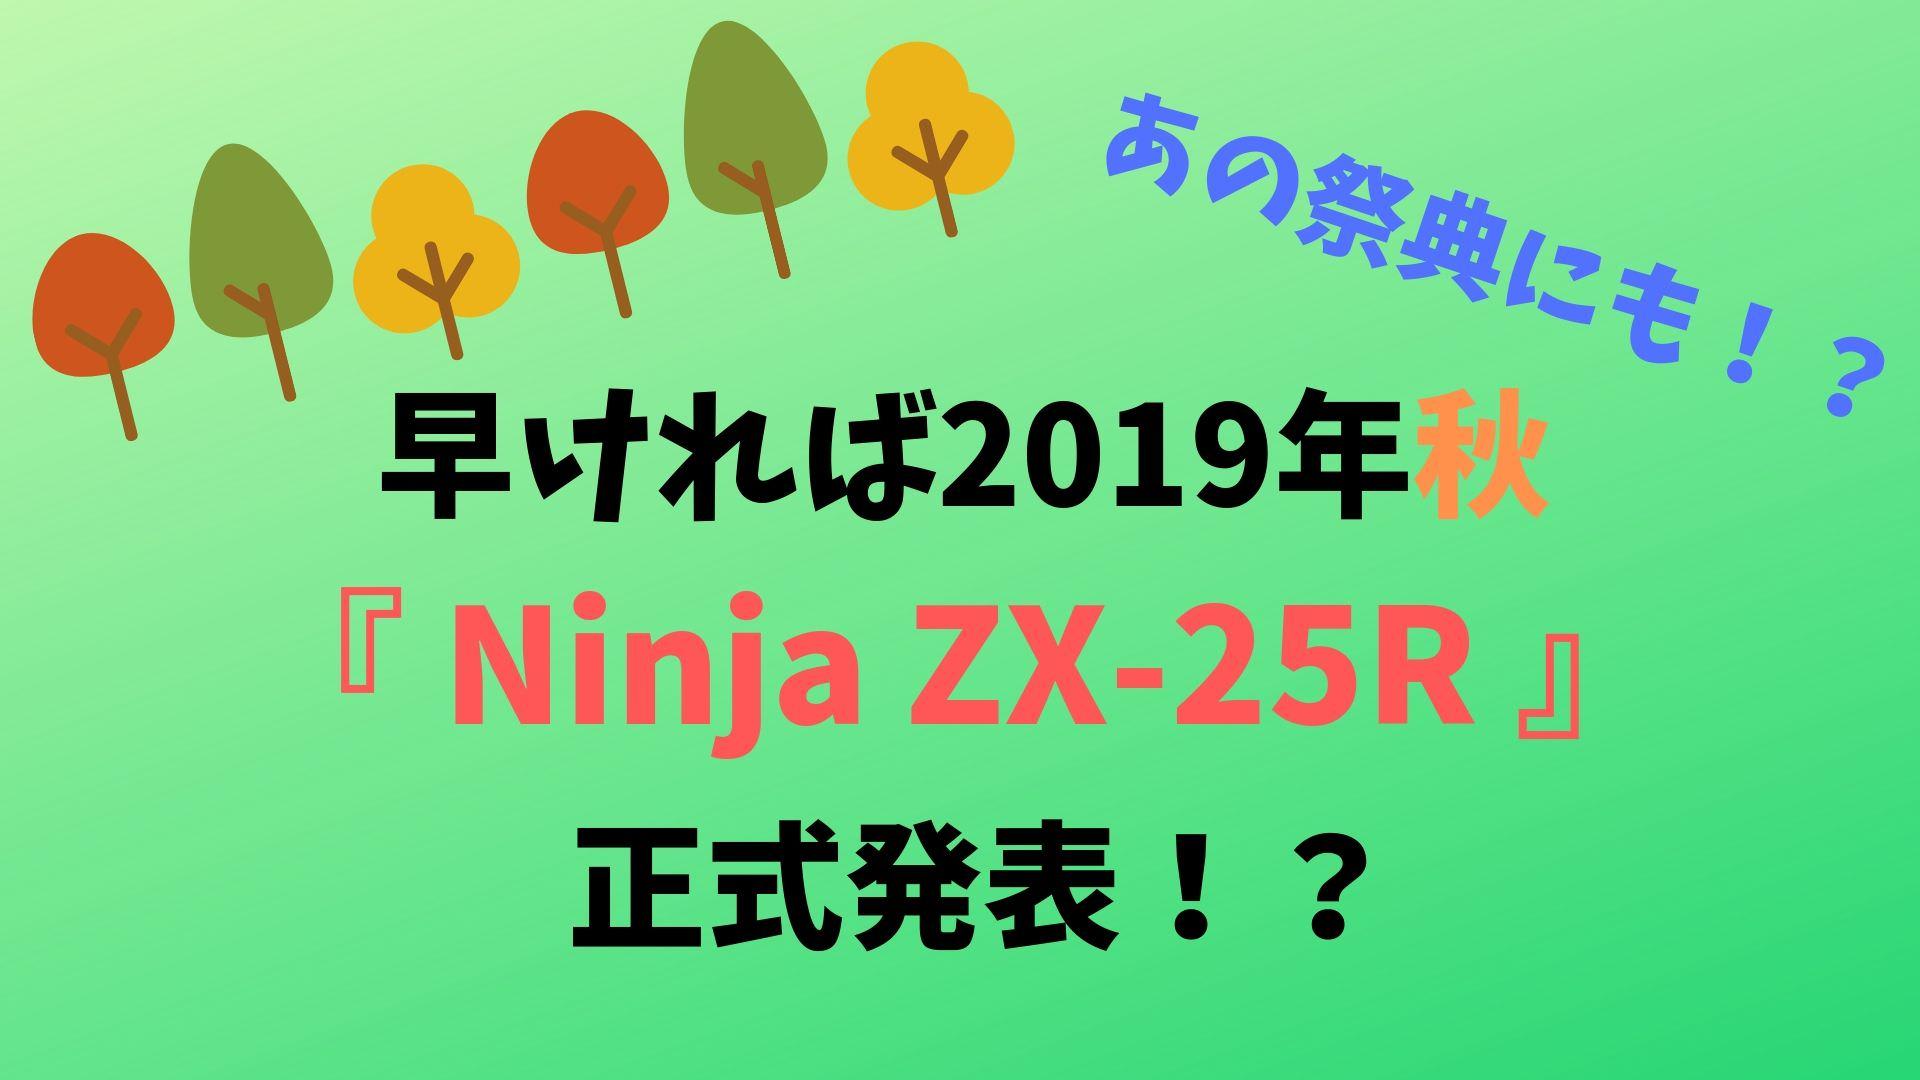 早ければ2019年秋!Ninja ZX-R25正式発表!?